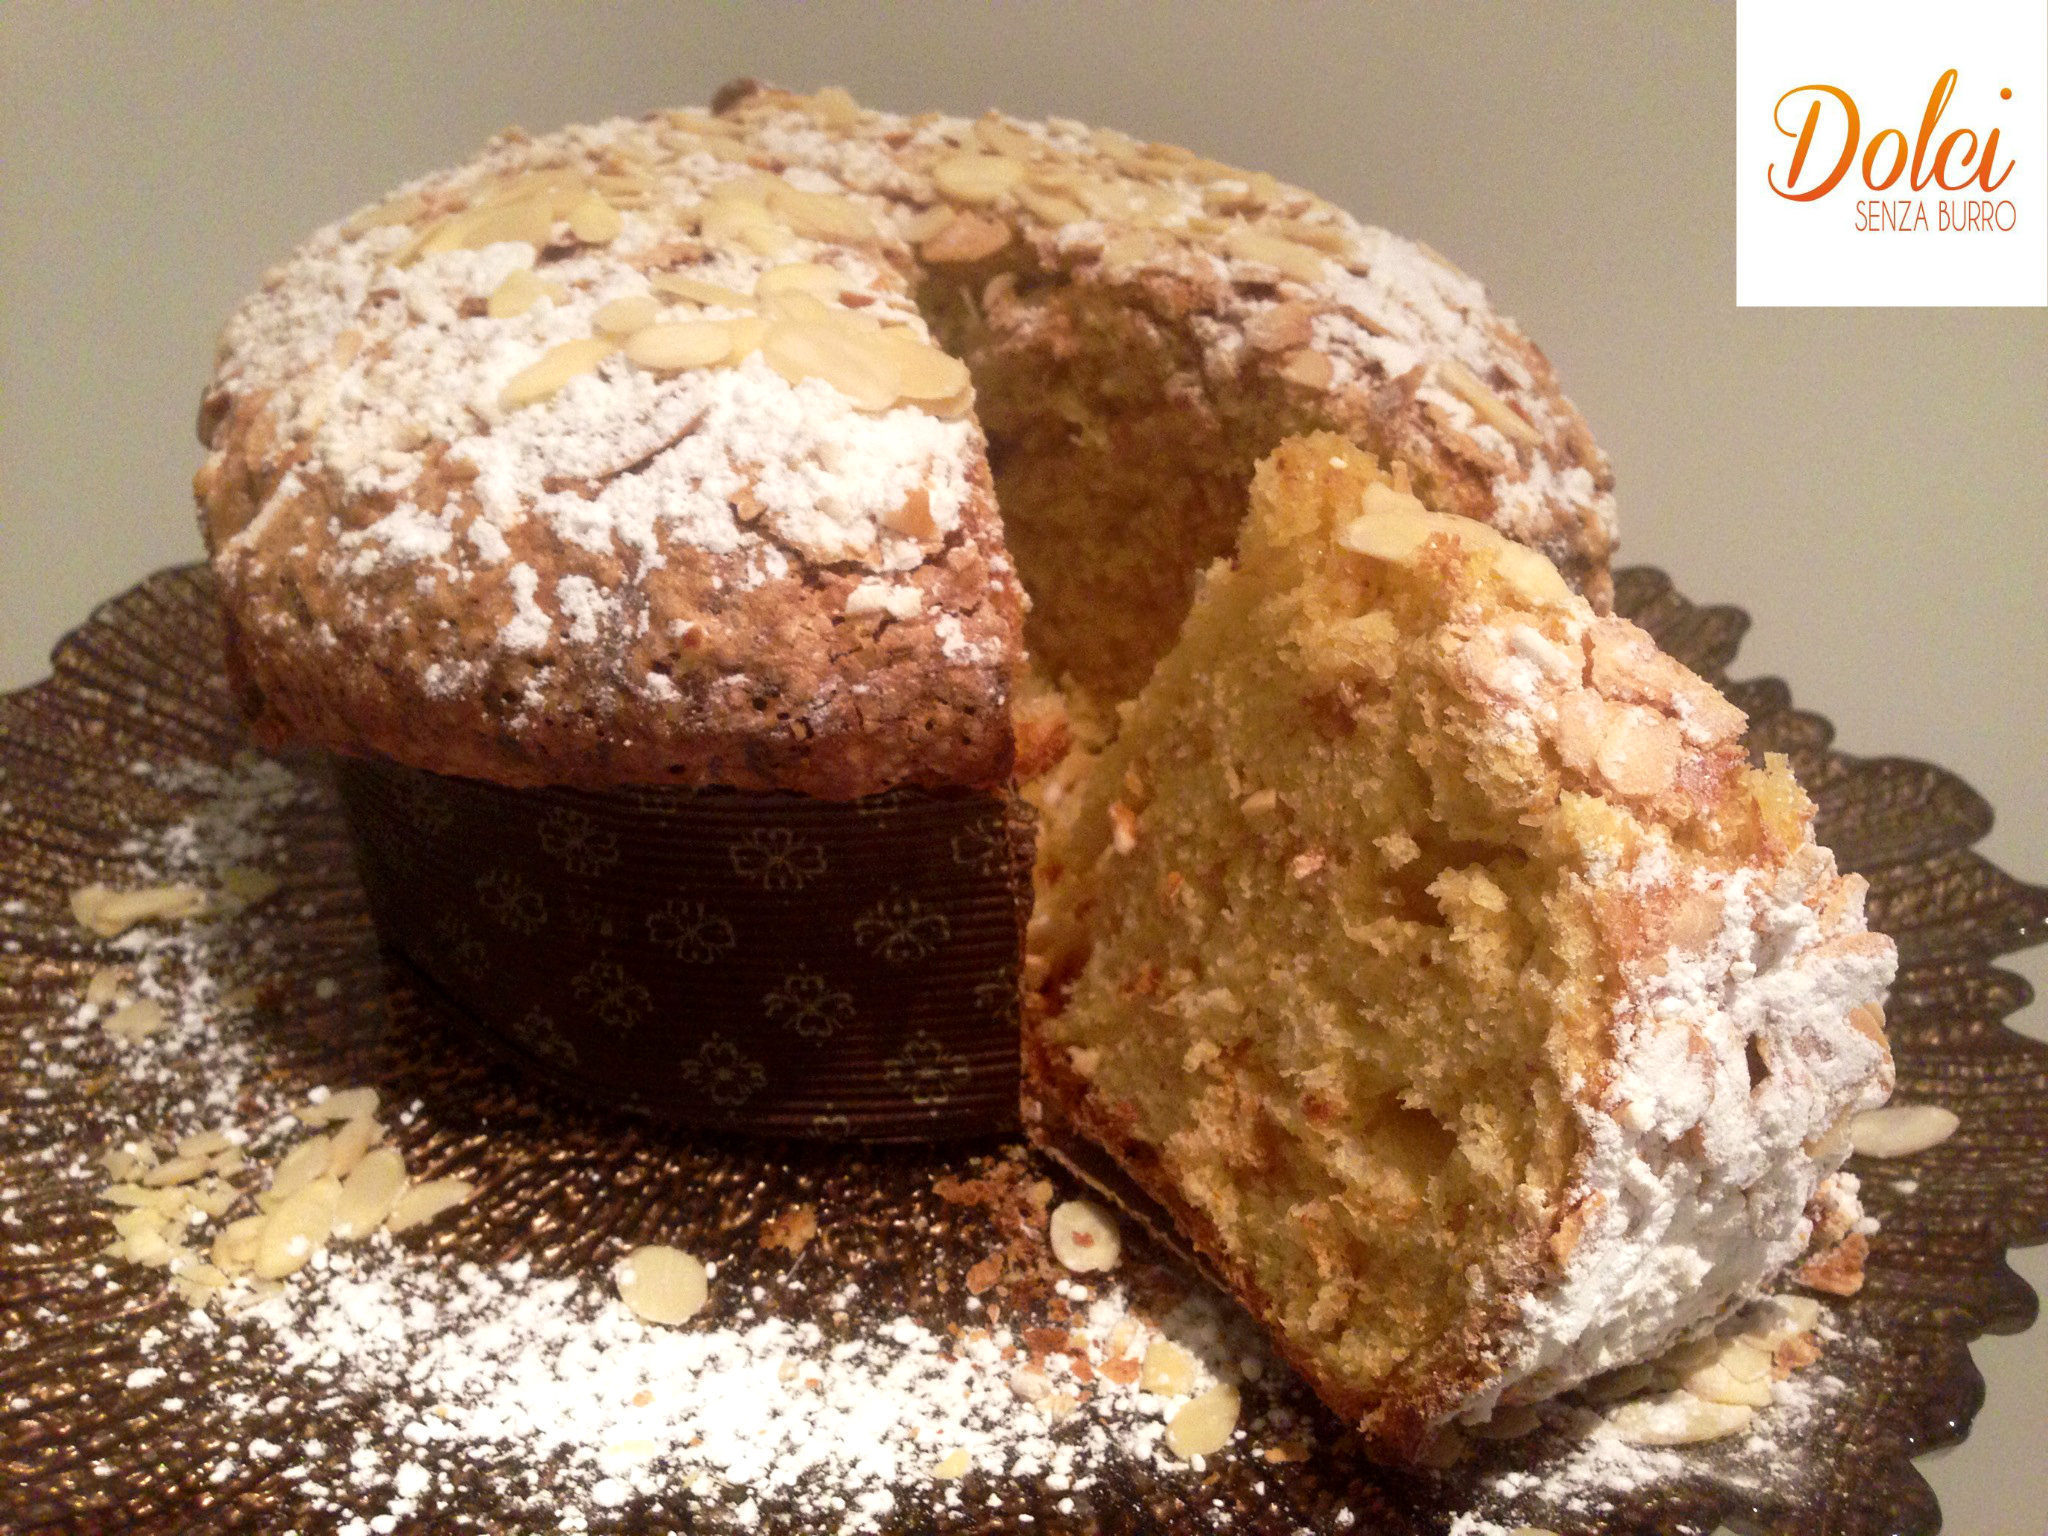 La Veneziana Dolce Senza Burro, la ricetta del panettone veneziana di dolci senza burro